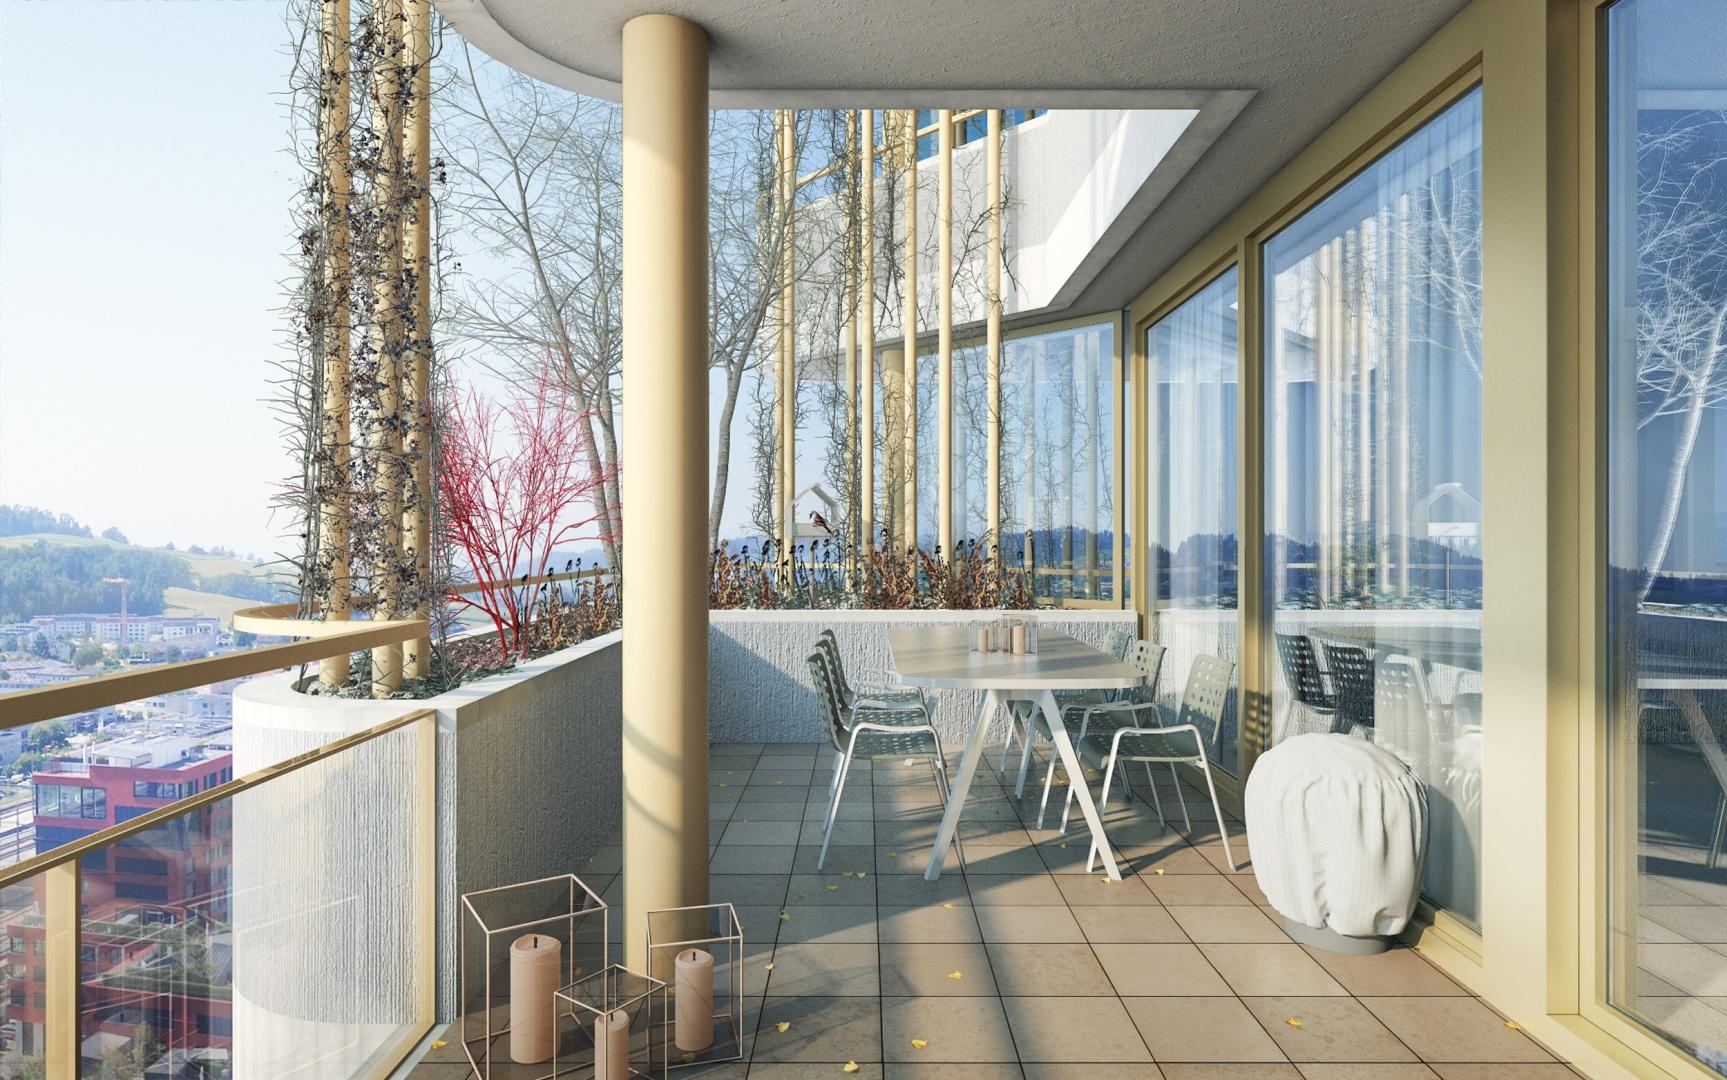 Balkonbegrünung Winter © Raumgleiter GmbH, Pfingstweidstrasse 106, 8005 Zürich